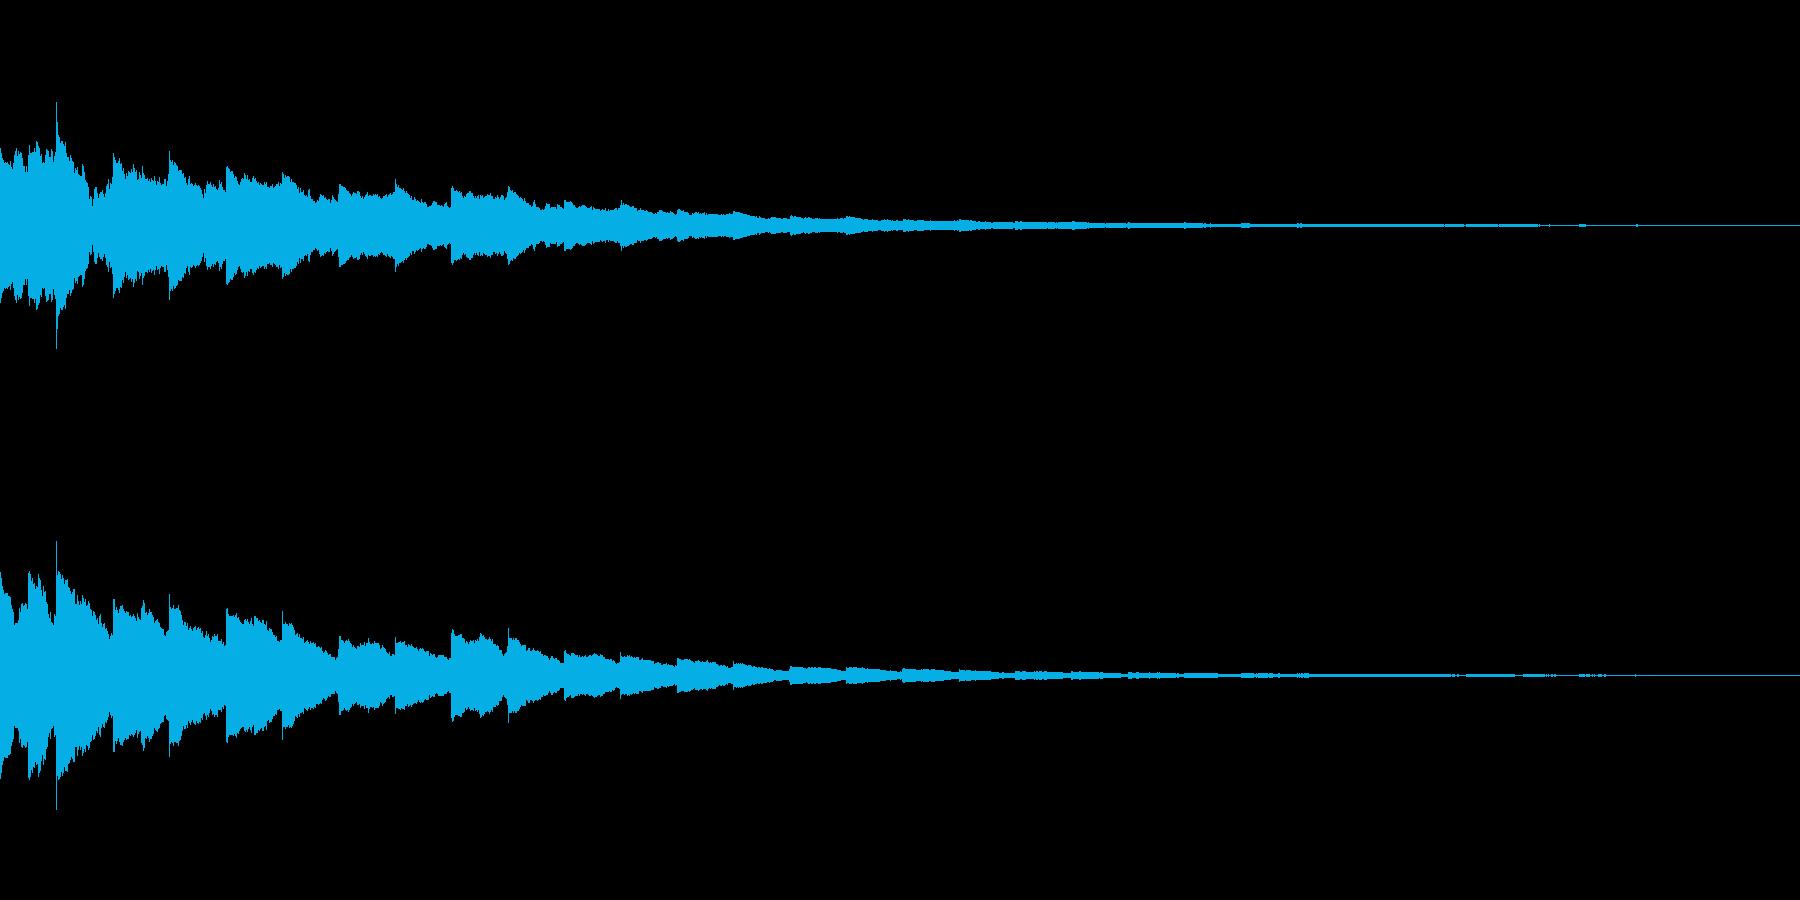 ベルの音を加工してつくりましたの再生済みの波形